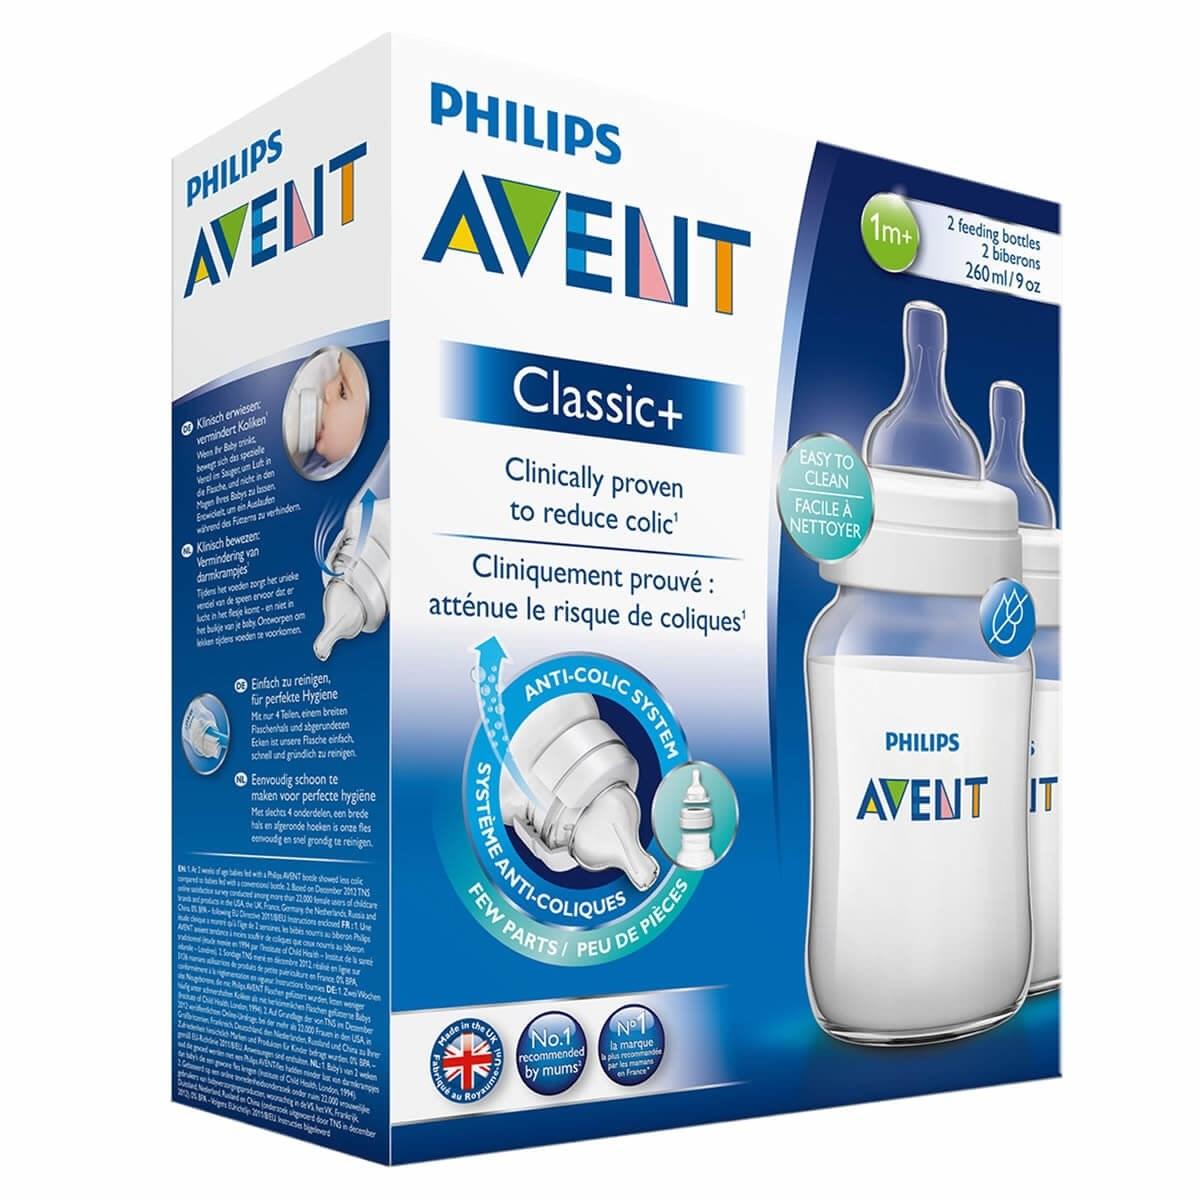 Avent Classic+ Feeding Bottles 1m+ (2 Pack)